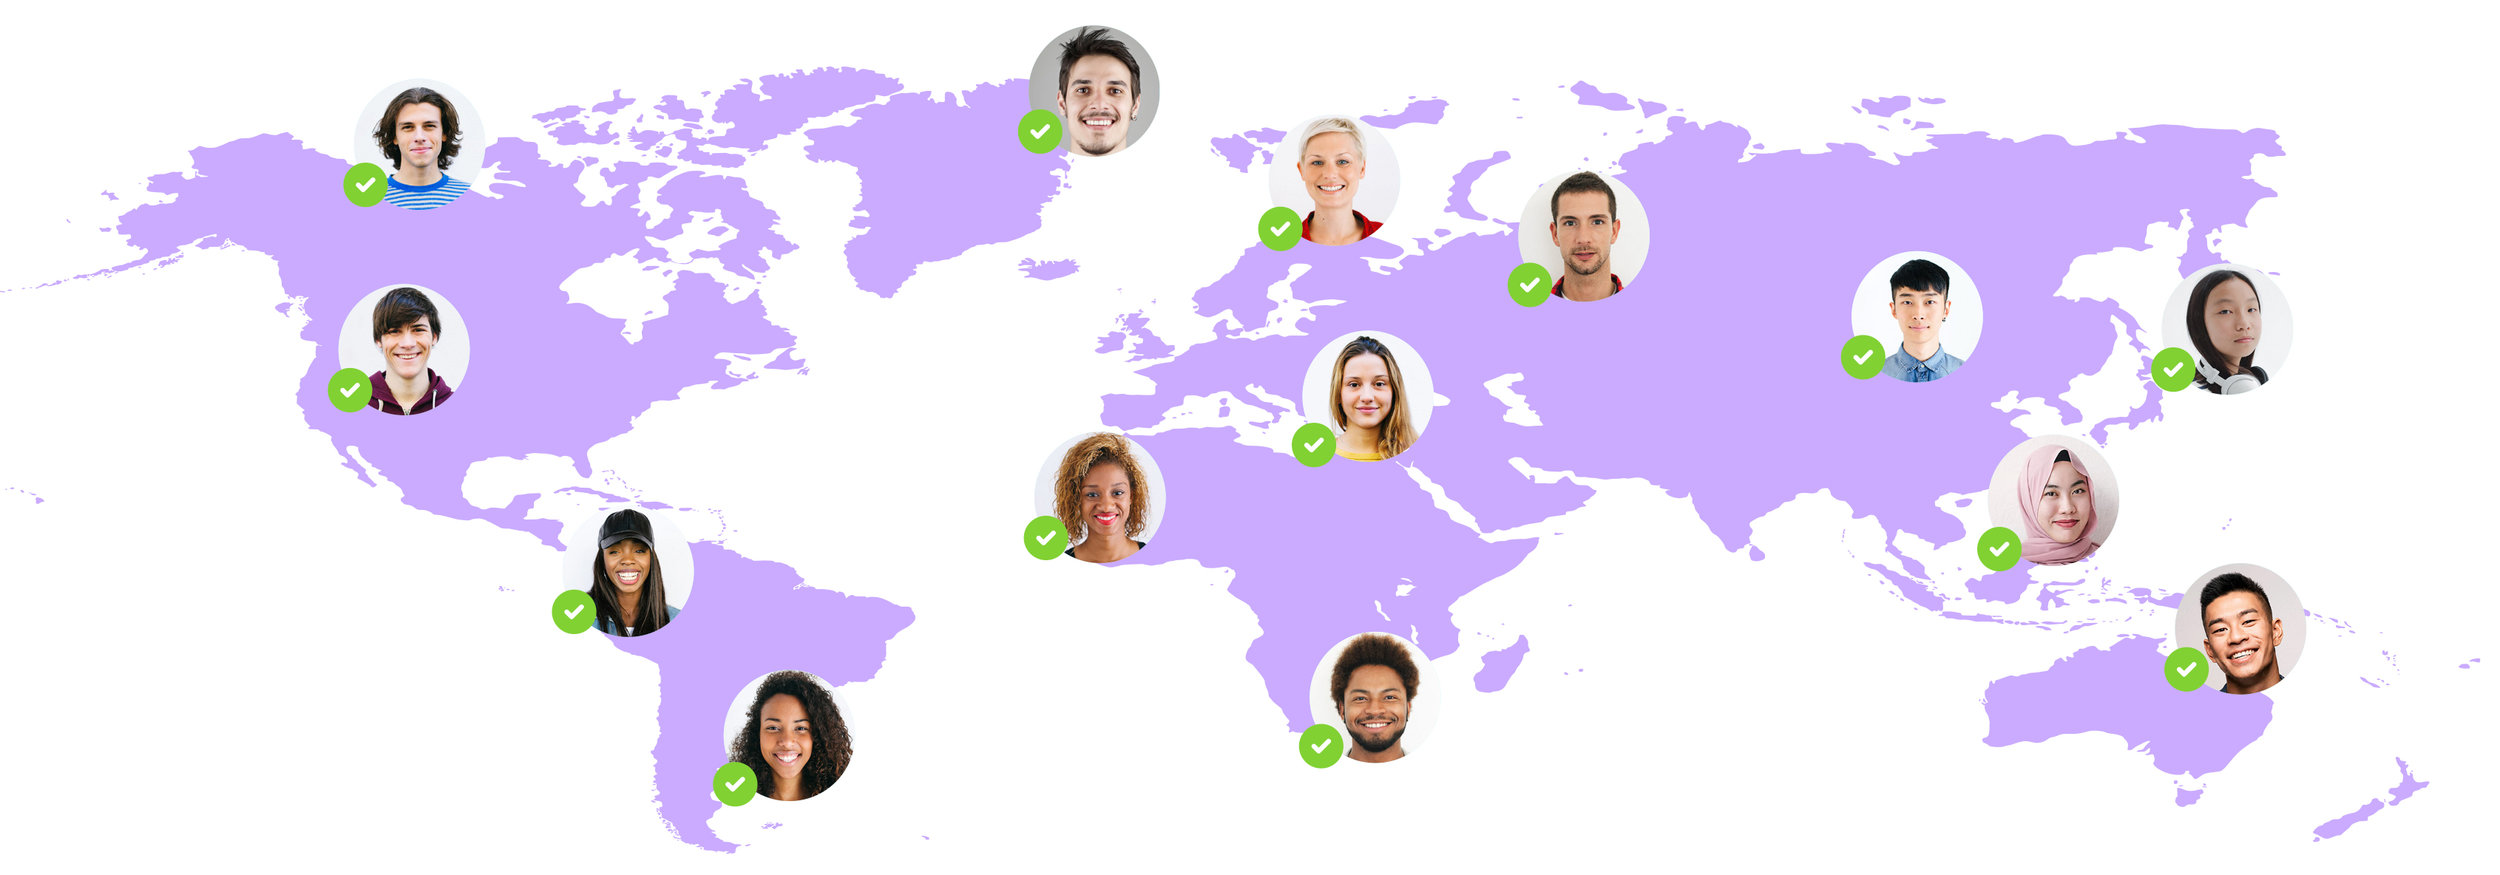 global audience02.jpg